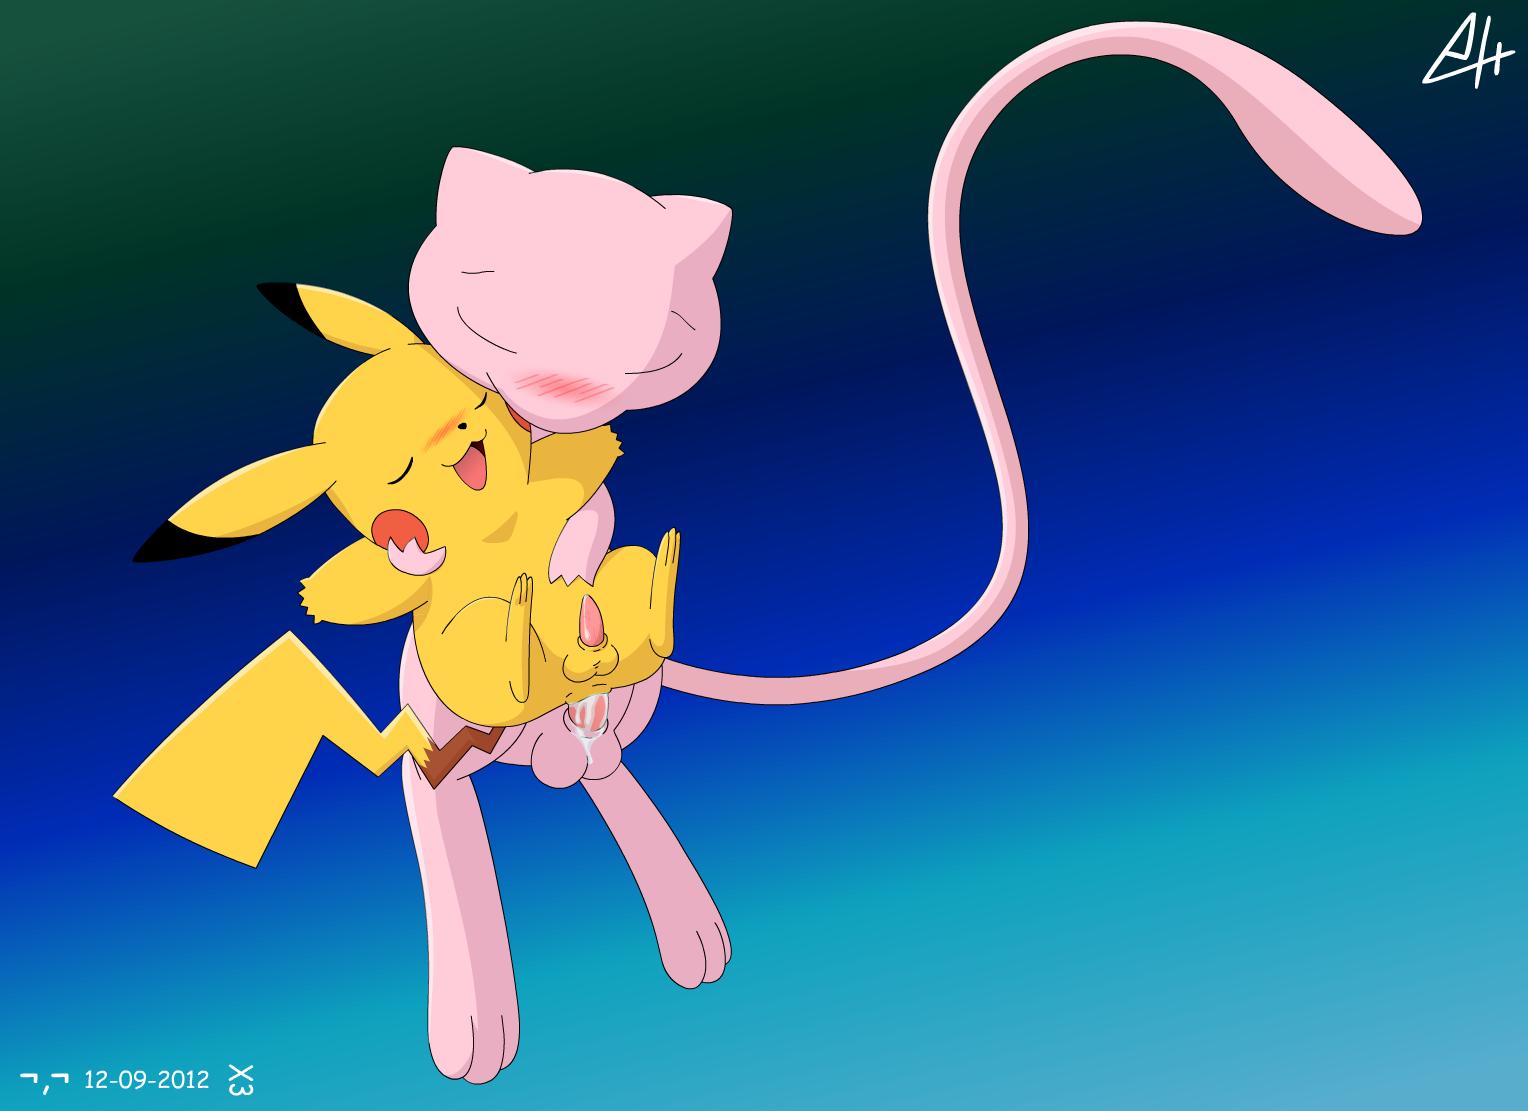 Mew y Pikachu by SiberianCrystAlx on Newgrounds